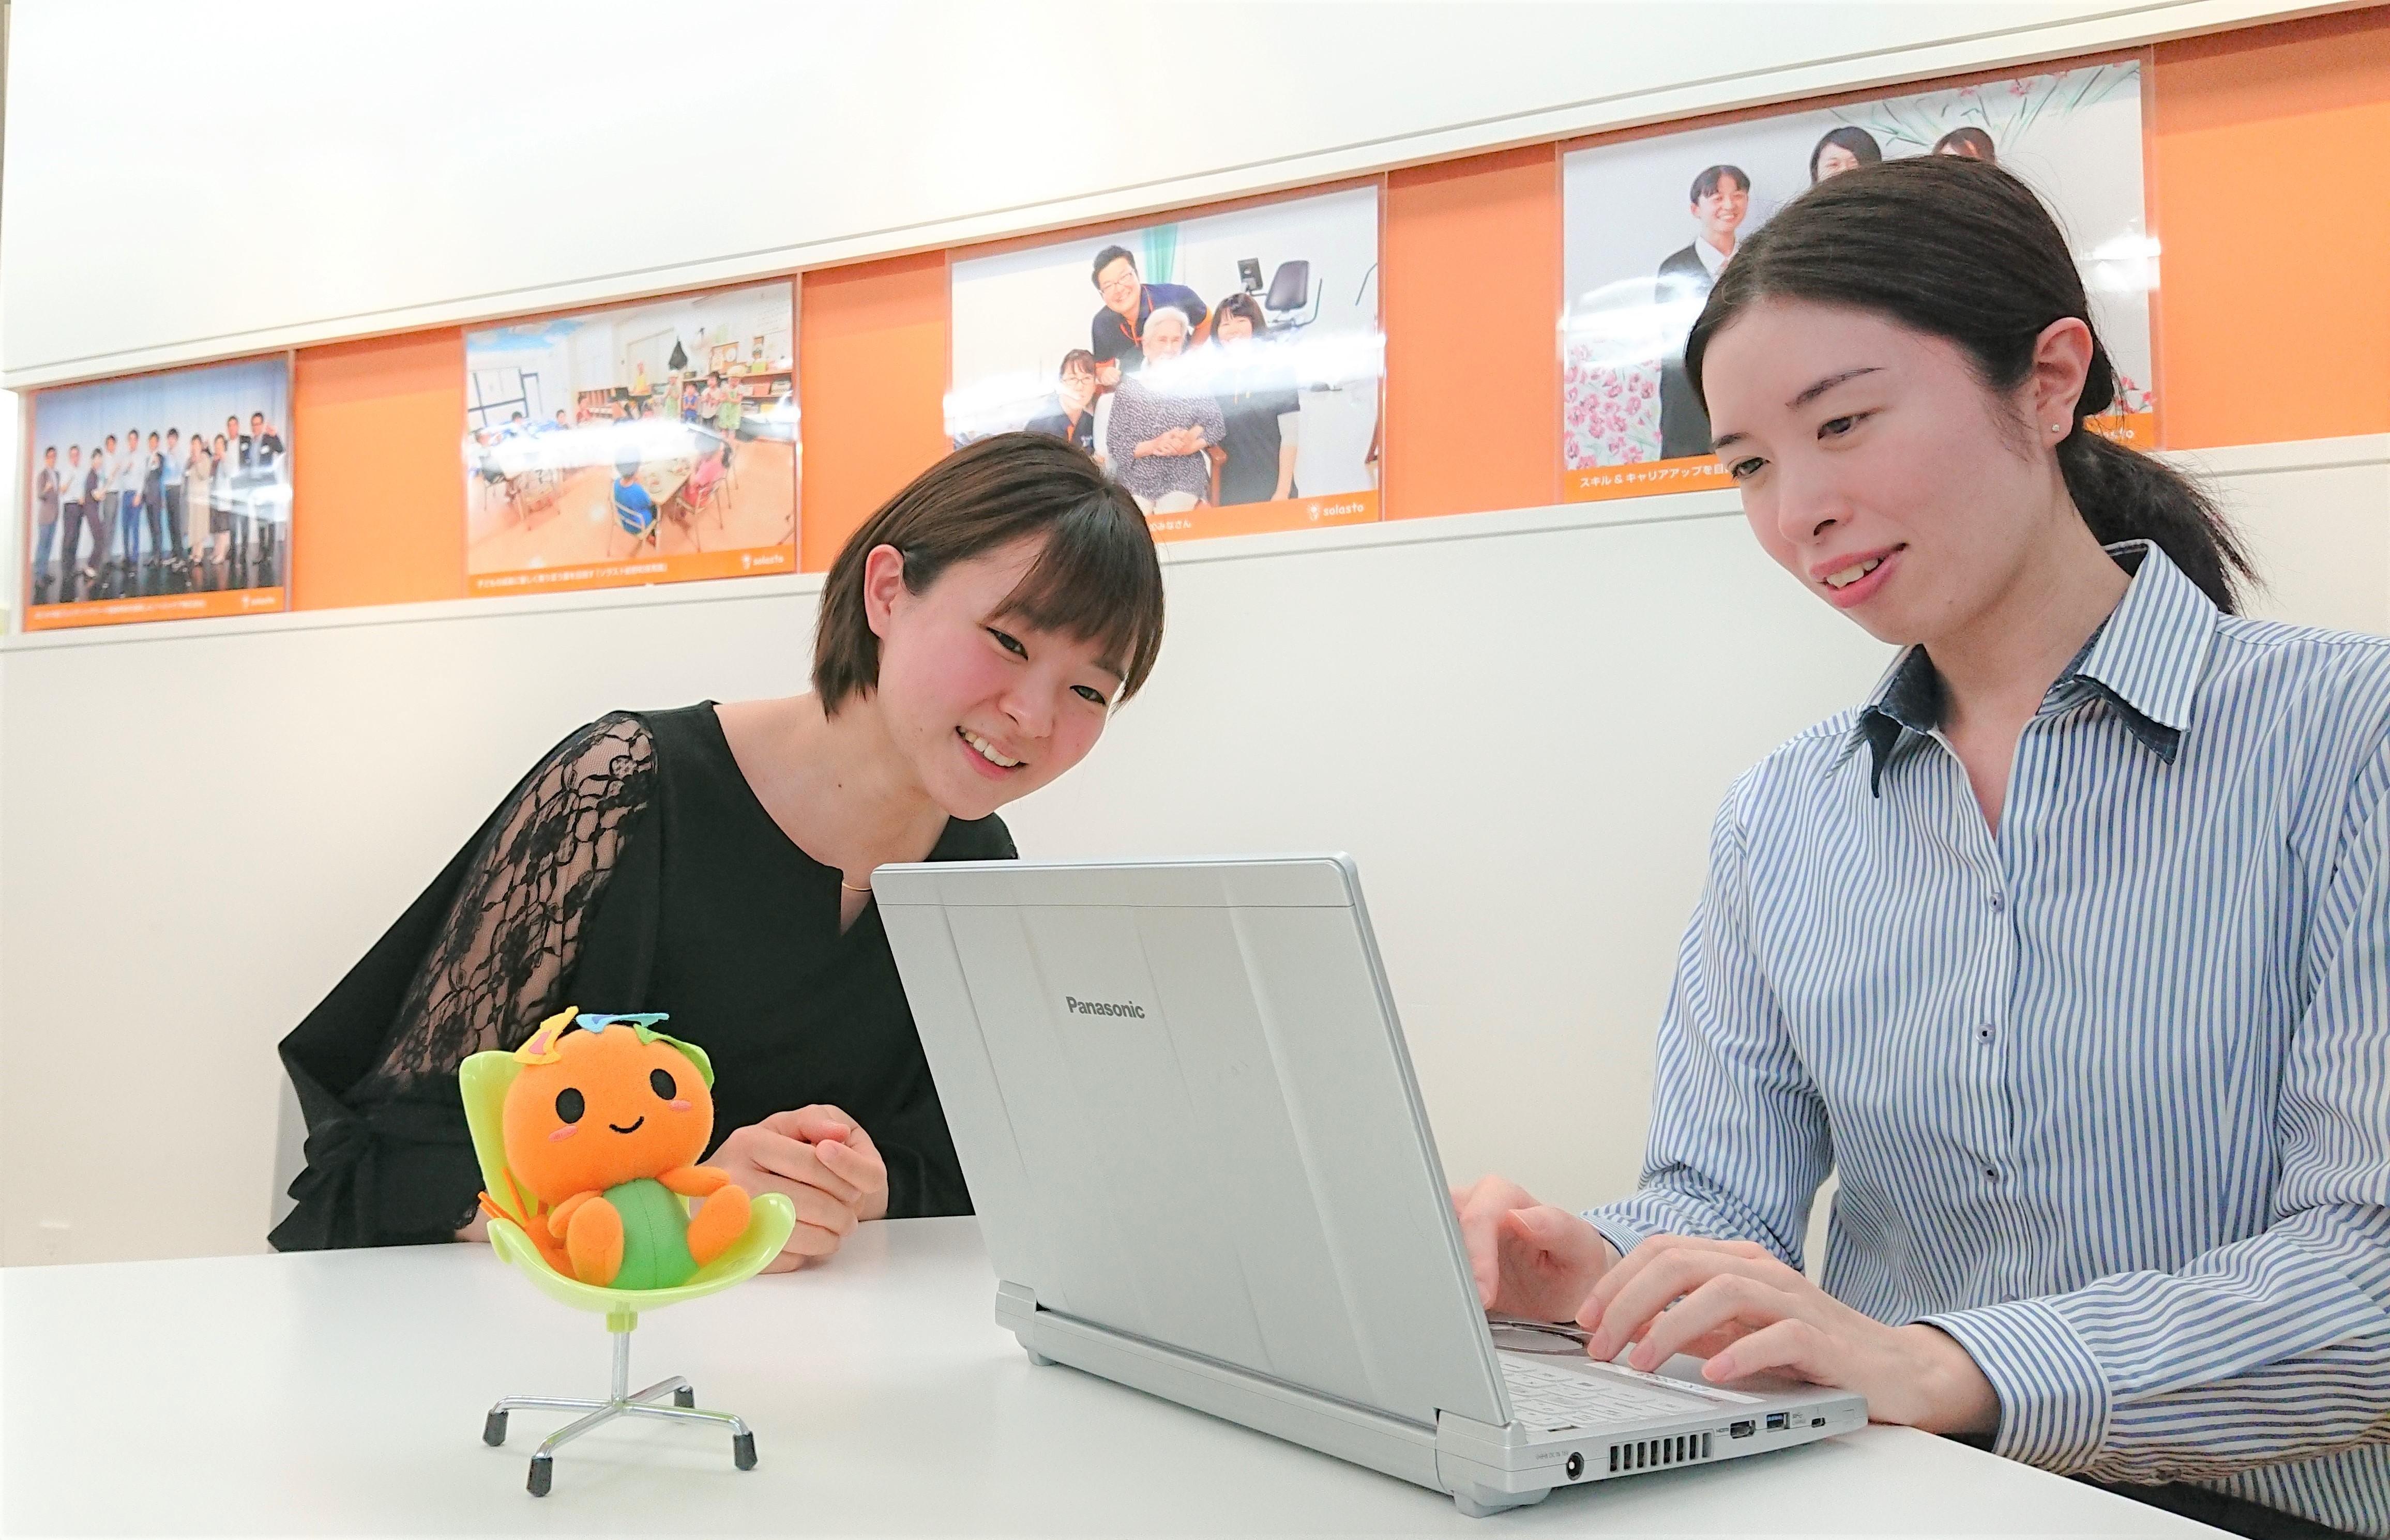 株式会社ソラスト スマートホスピタル開発部(宇都宮)の求人画像